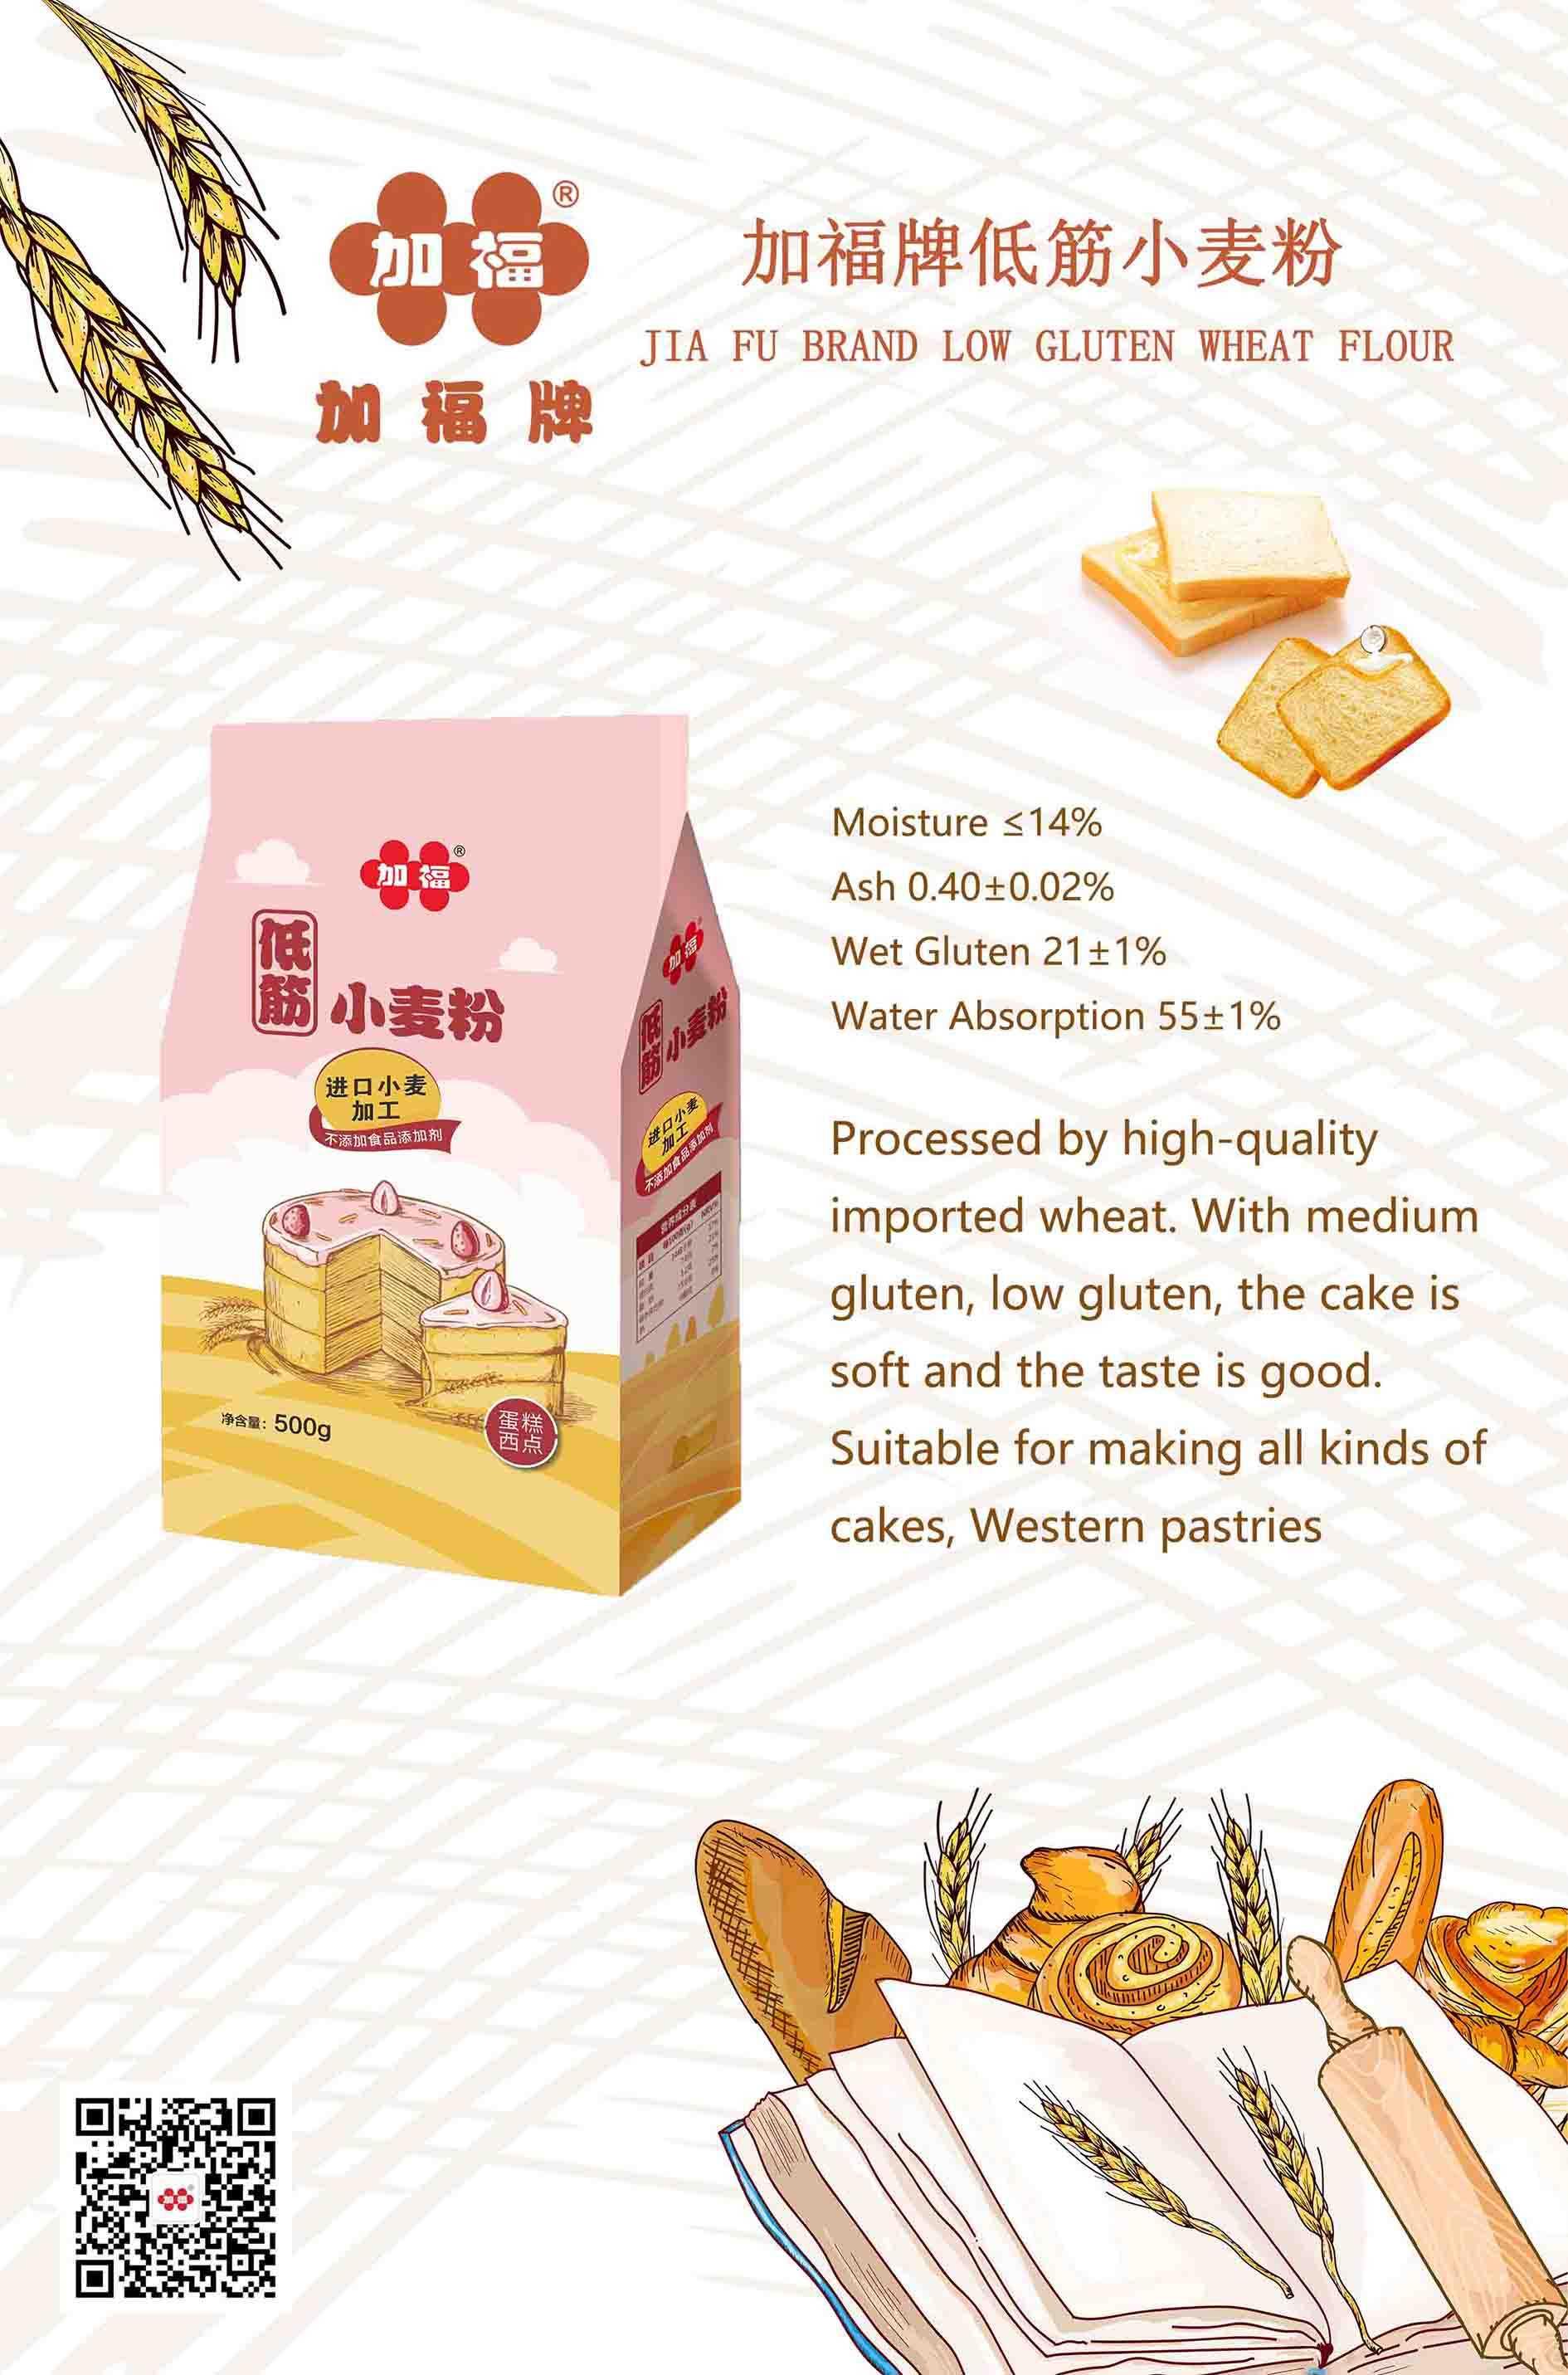 加福低筋小麦粉-英文